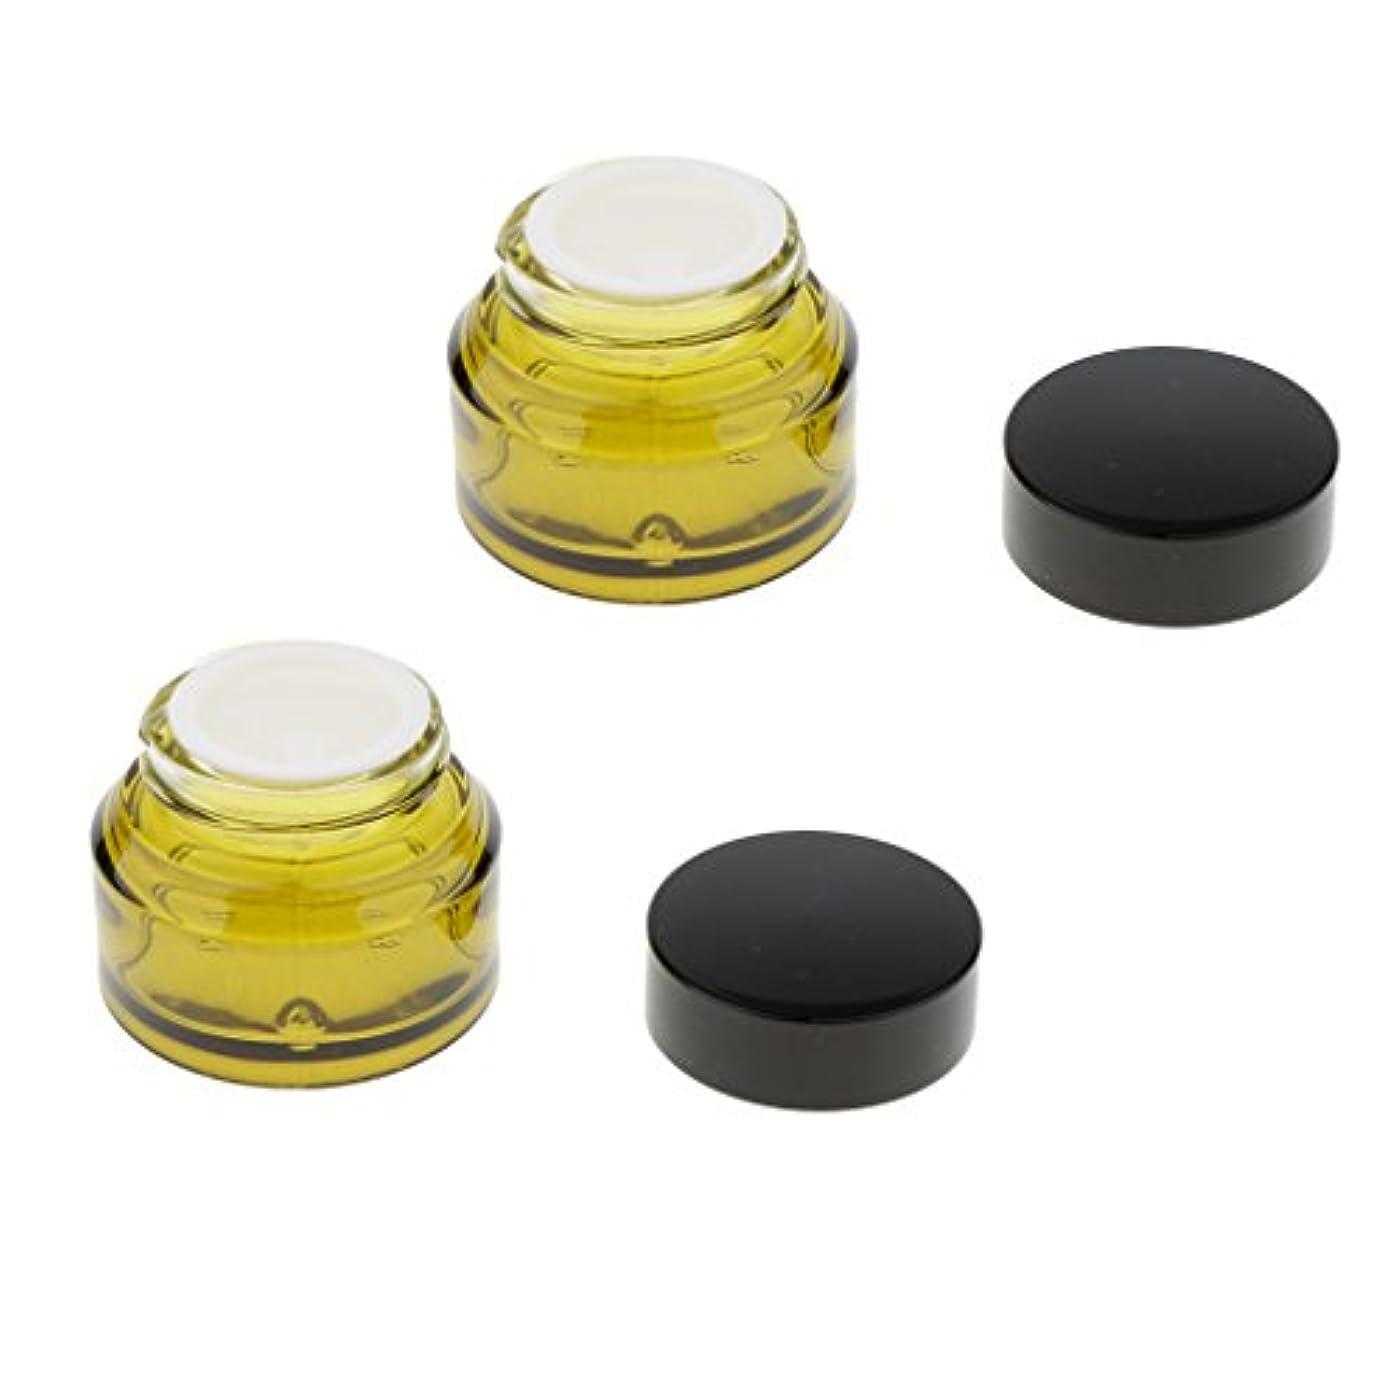 ゲージ指印象派Toygogo 化粧品 容器 クリームボトル ガラス 瓶 アロマ クリーム ローション 保存 詰替え 3サイズ選べ - 30g